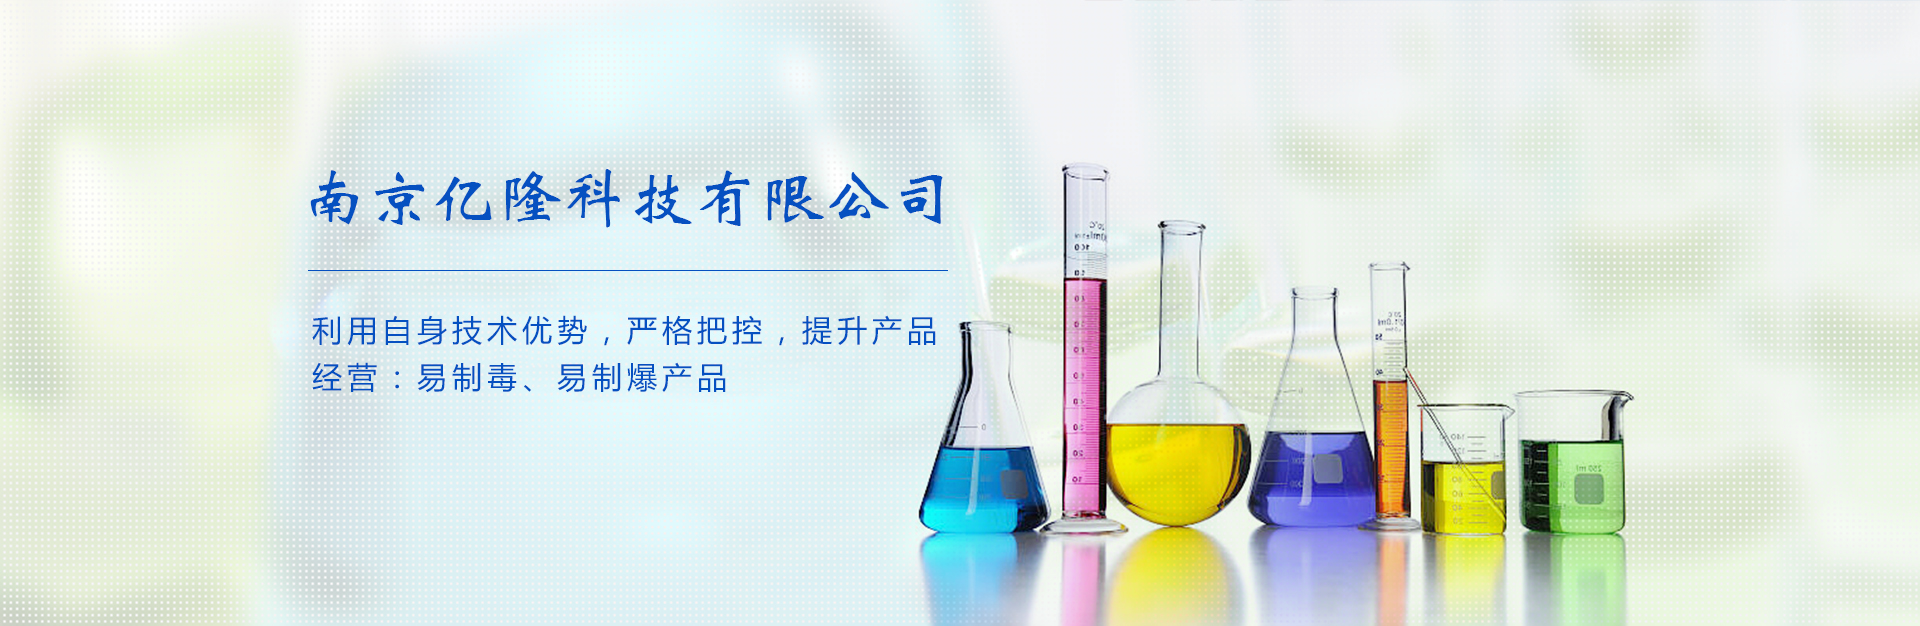 聚羧酸高性能减水剂母液